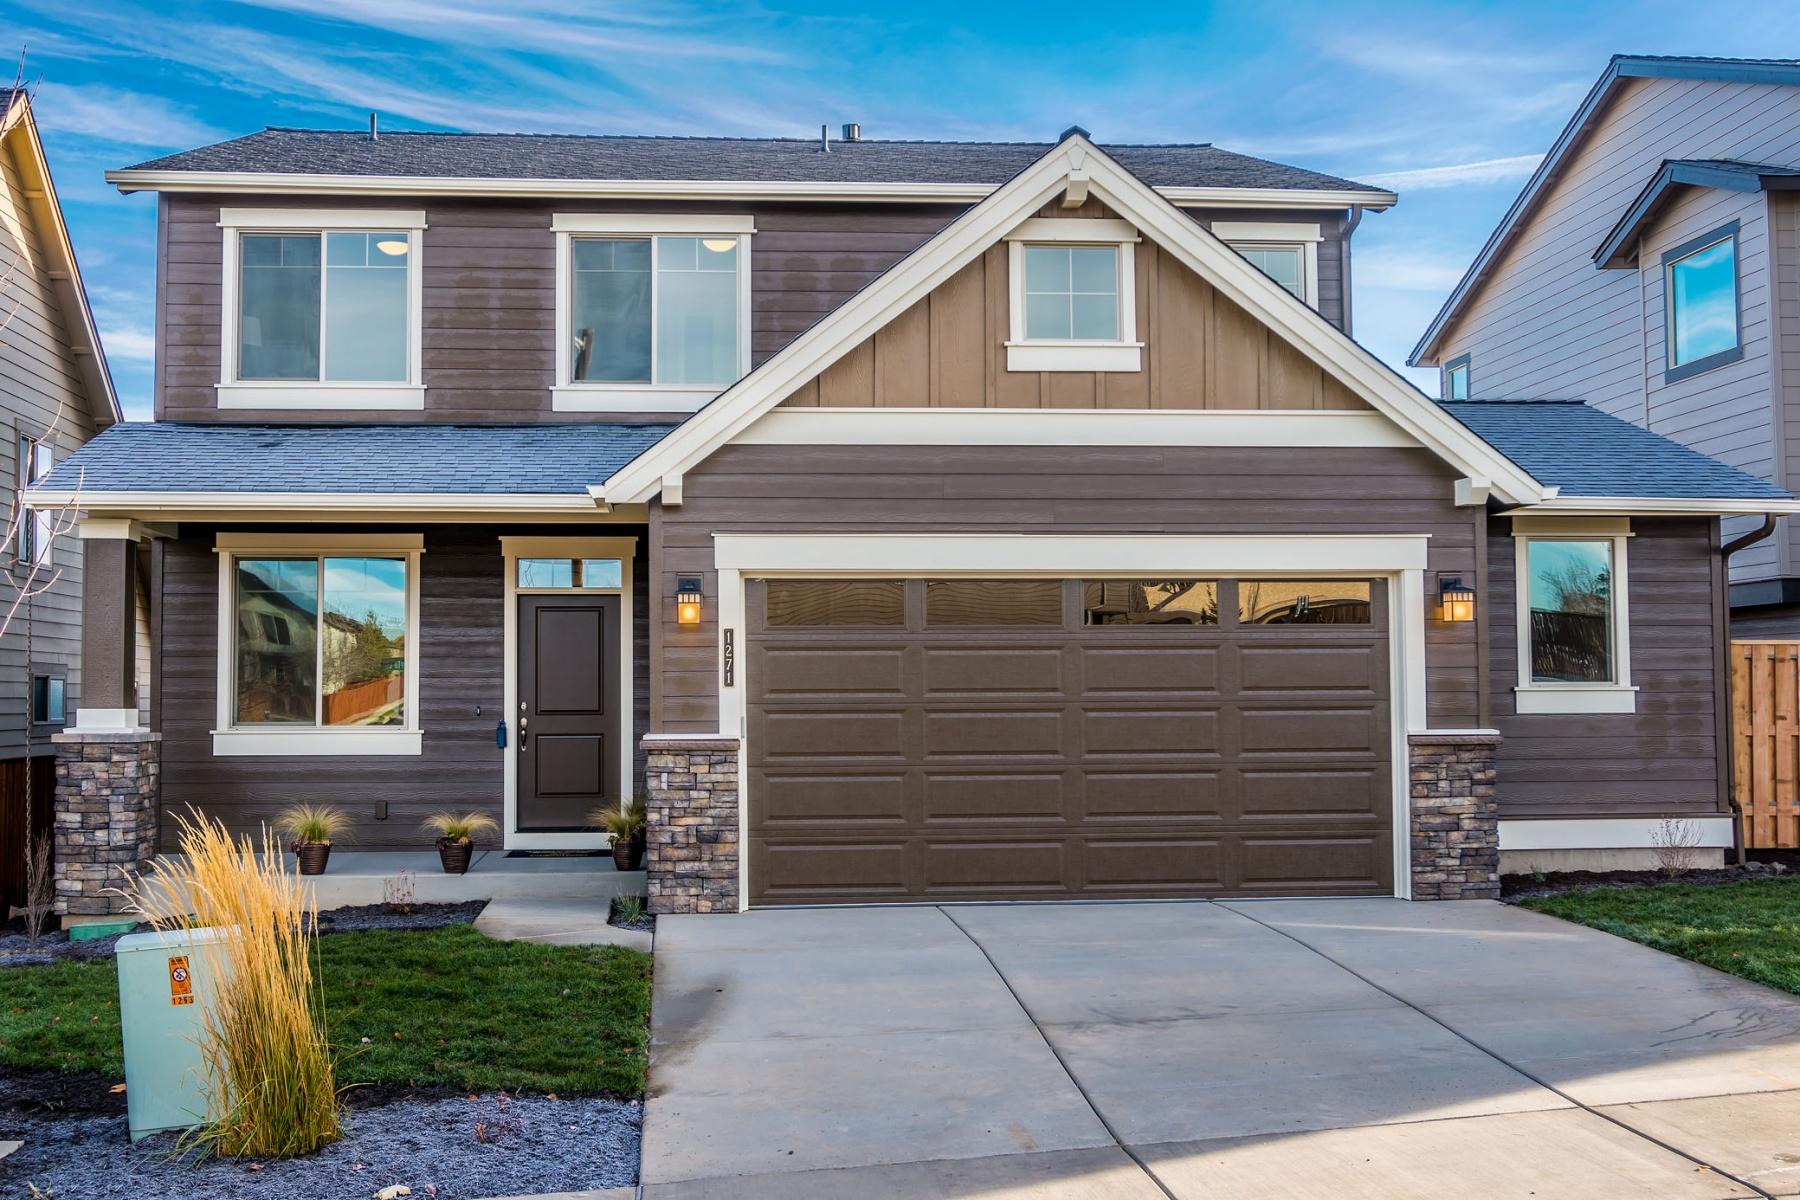 Villa per Vendita alle ore New Construction in Ochoco Pointe 840 NE Steins Pillar Dr Lot 92 Prineville, Oregon, 97754 Stati Uniti